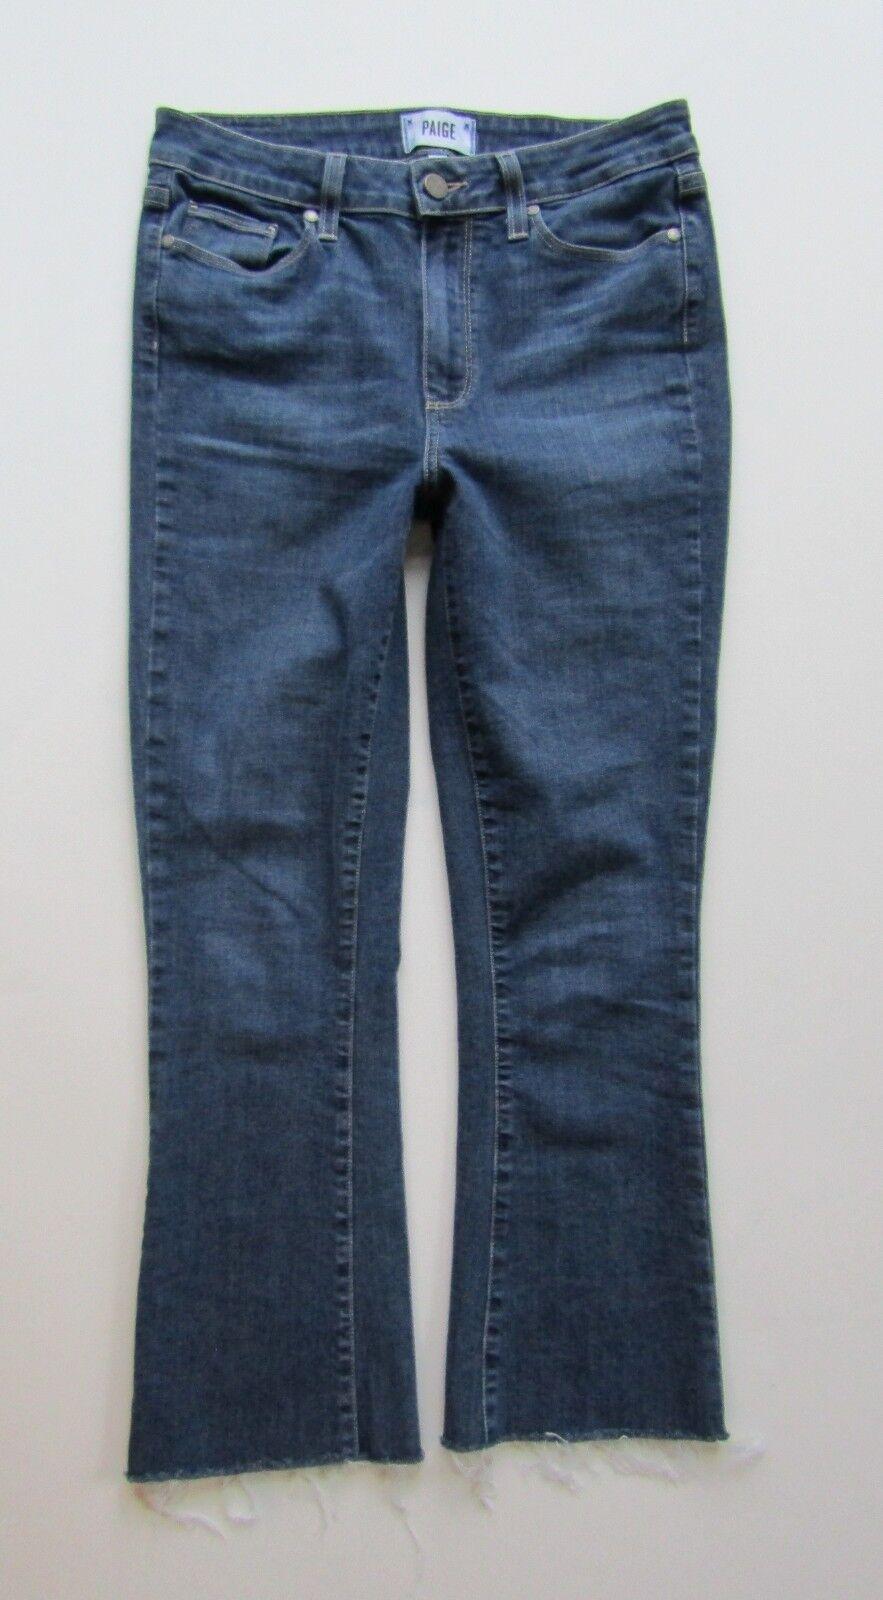 Paige Premium Denim Rory Crop Flare Jean in Erin, Raw Hem - Size 28